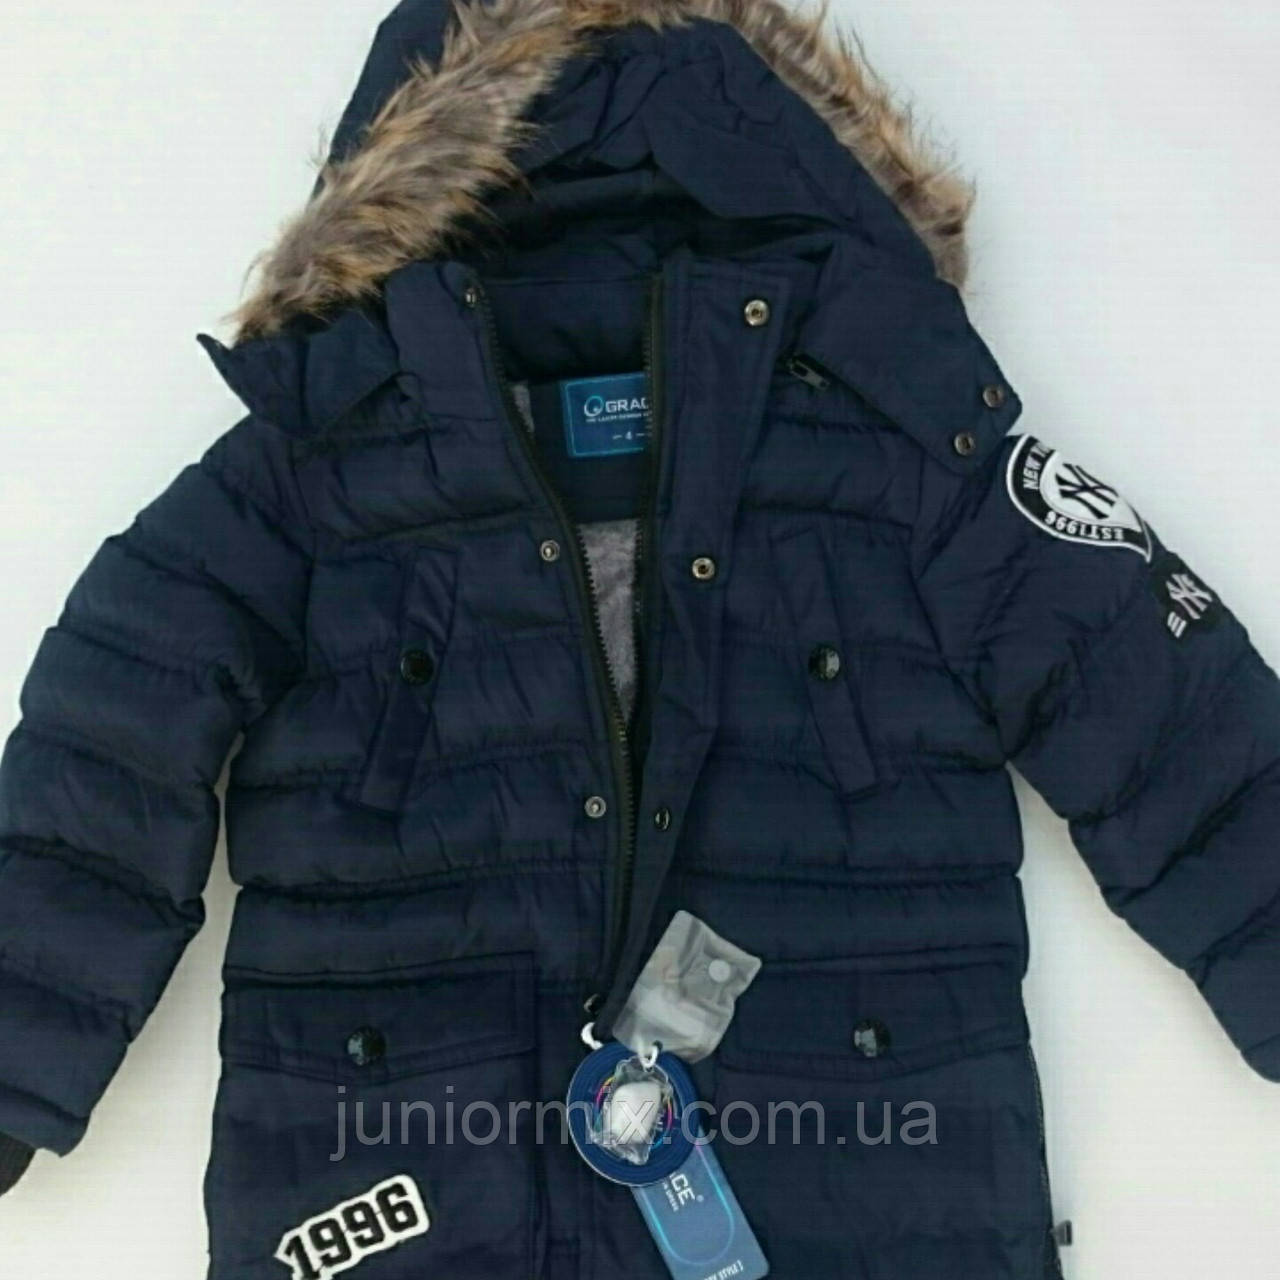 """Куртка зимова на хлопчика GRACE з нашивкою """"1996"""""""